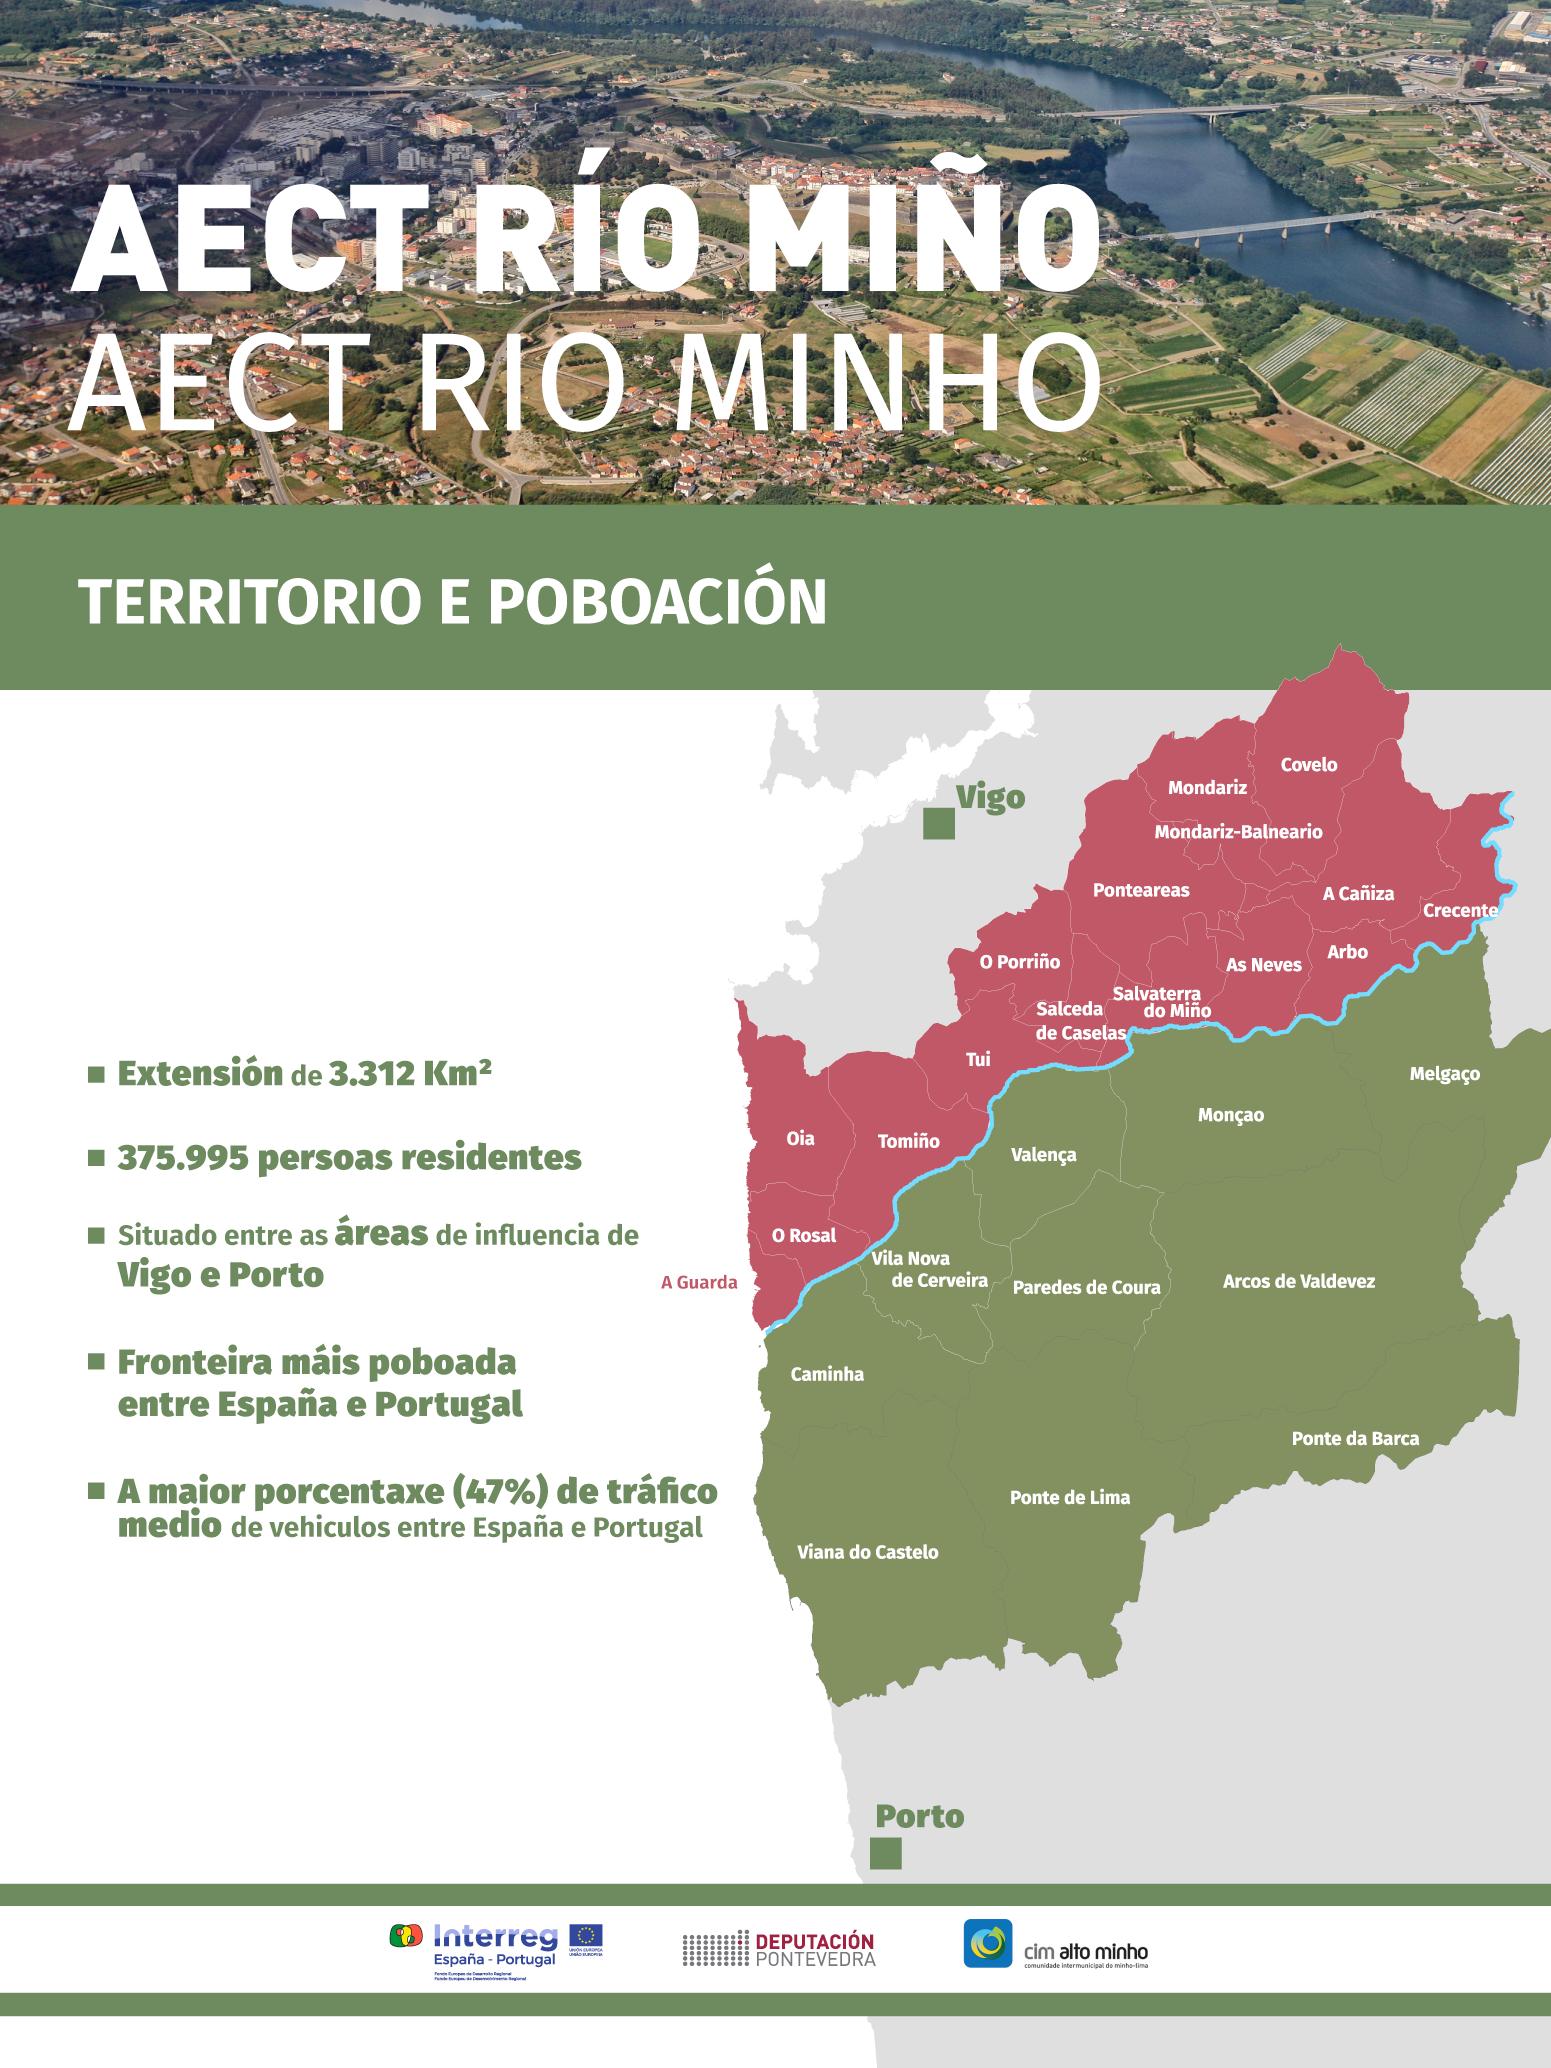 AECT RÍO MIÑO - TERRITORIO E POBOACIÓN